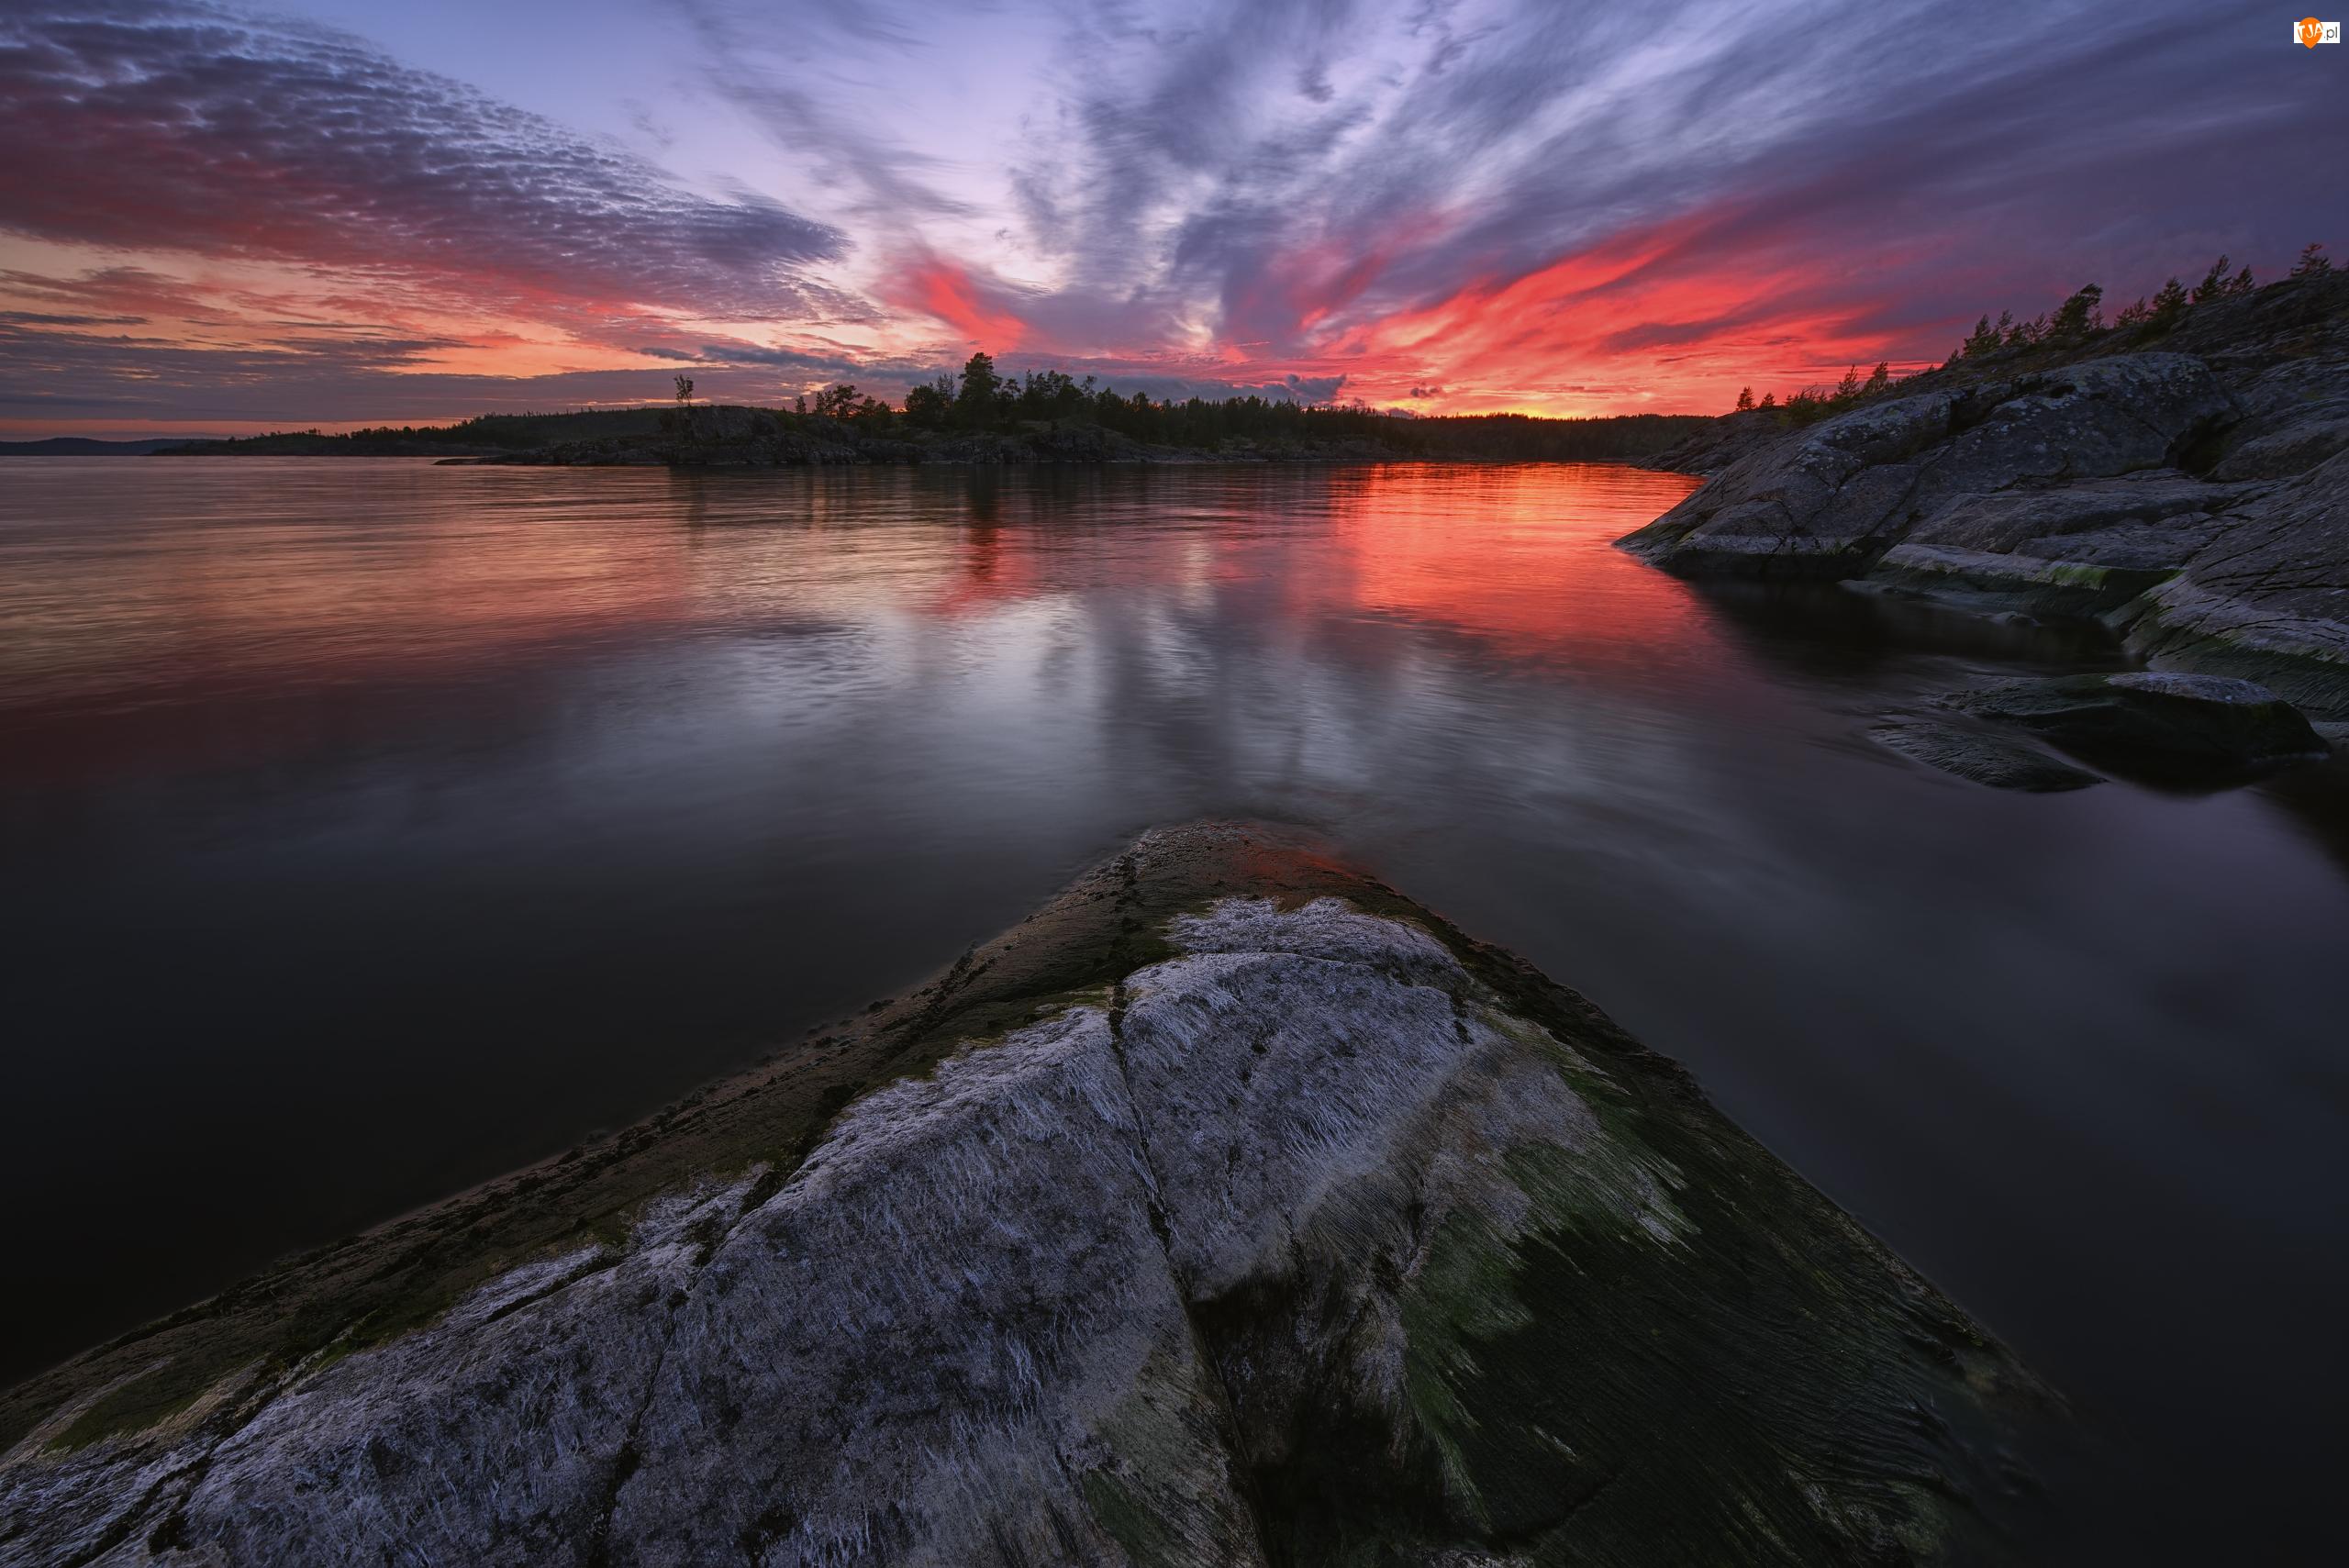 Skały, Drzewa, Rosja, Jezioro Ładoga, Karelia, Zachód słońca, Chmury